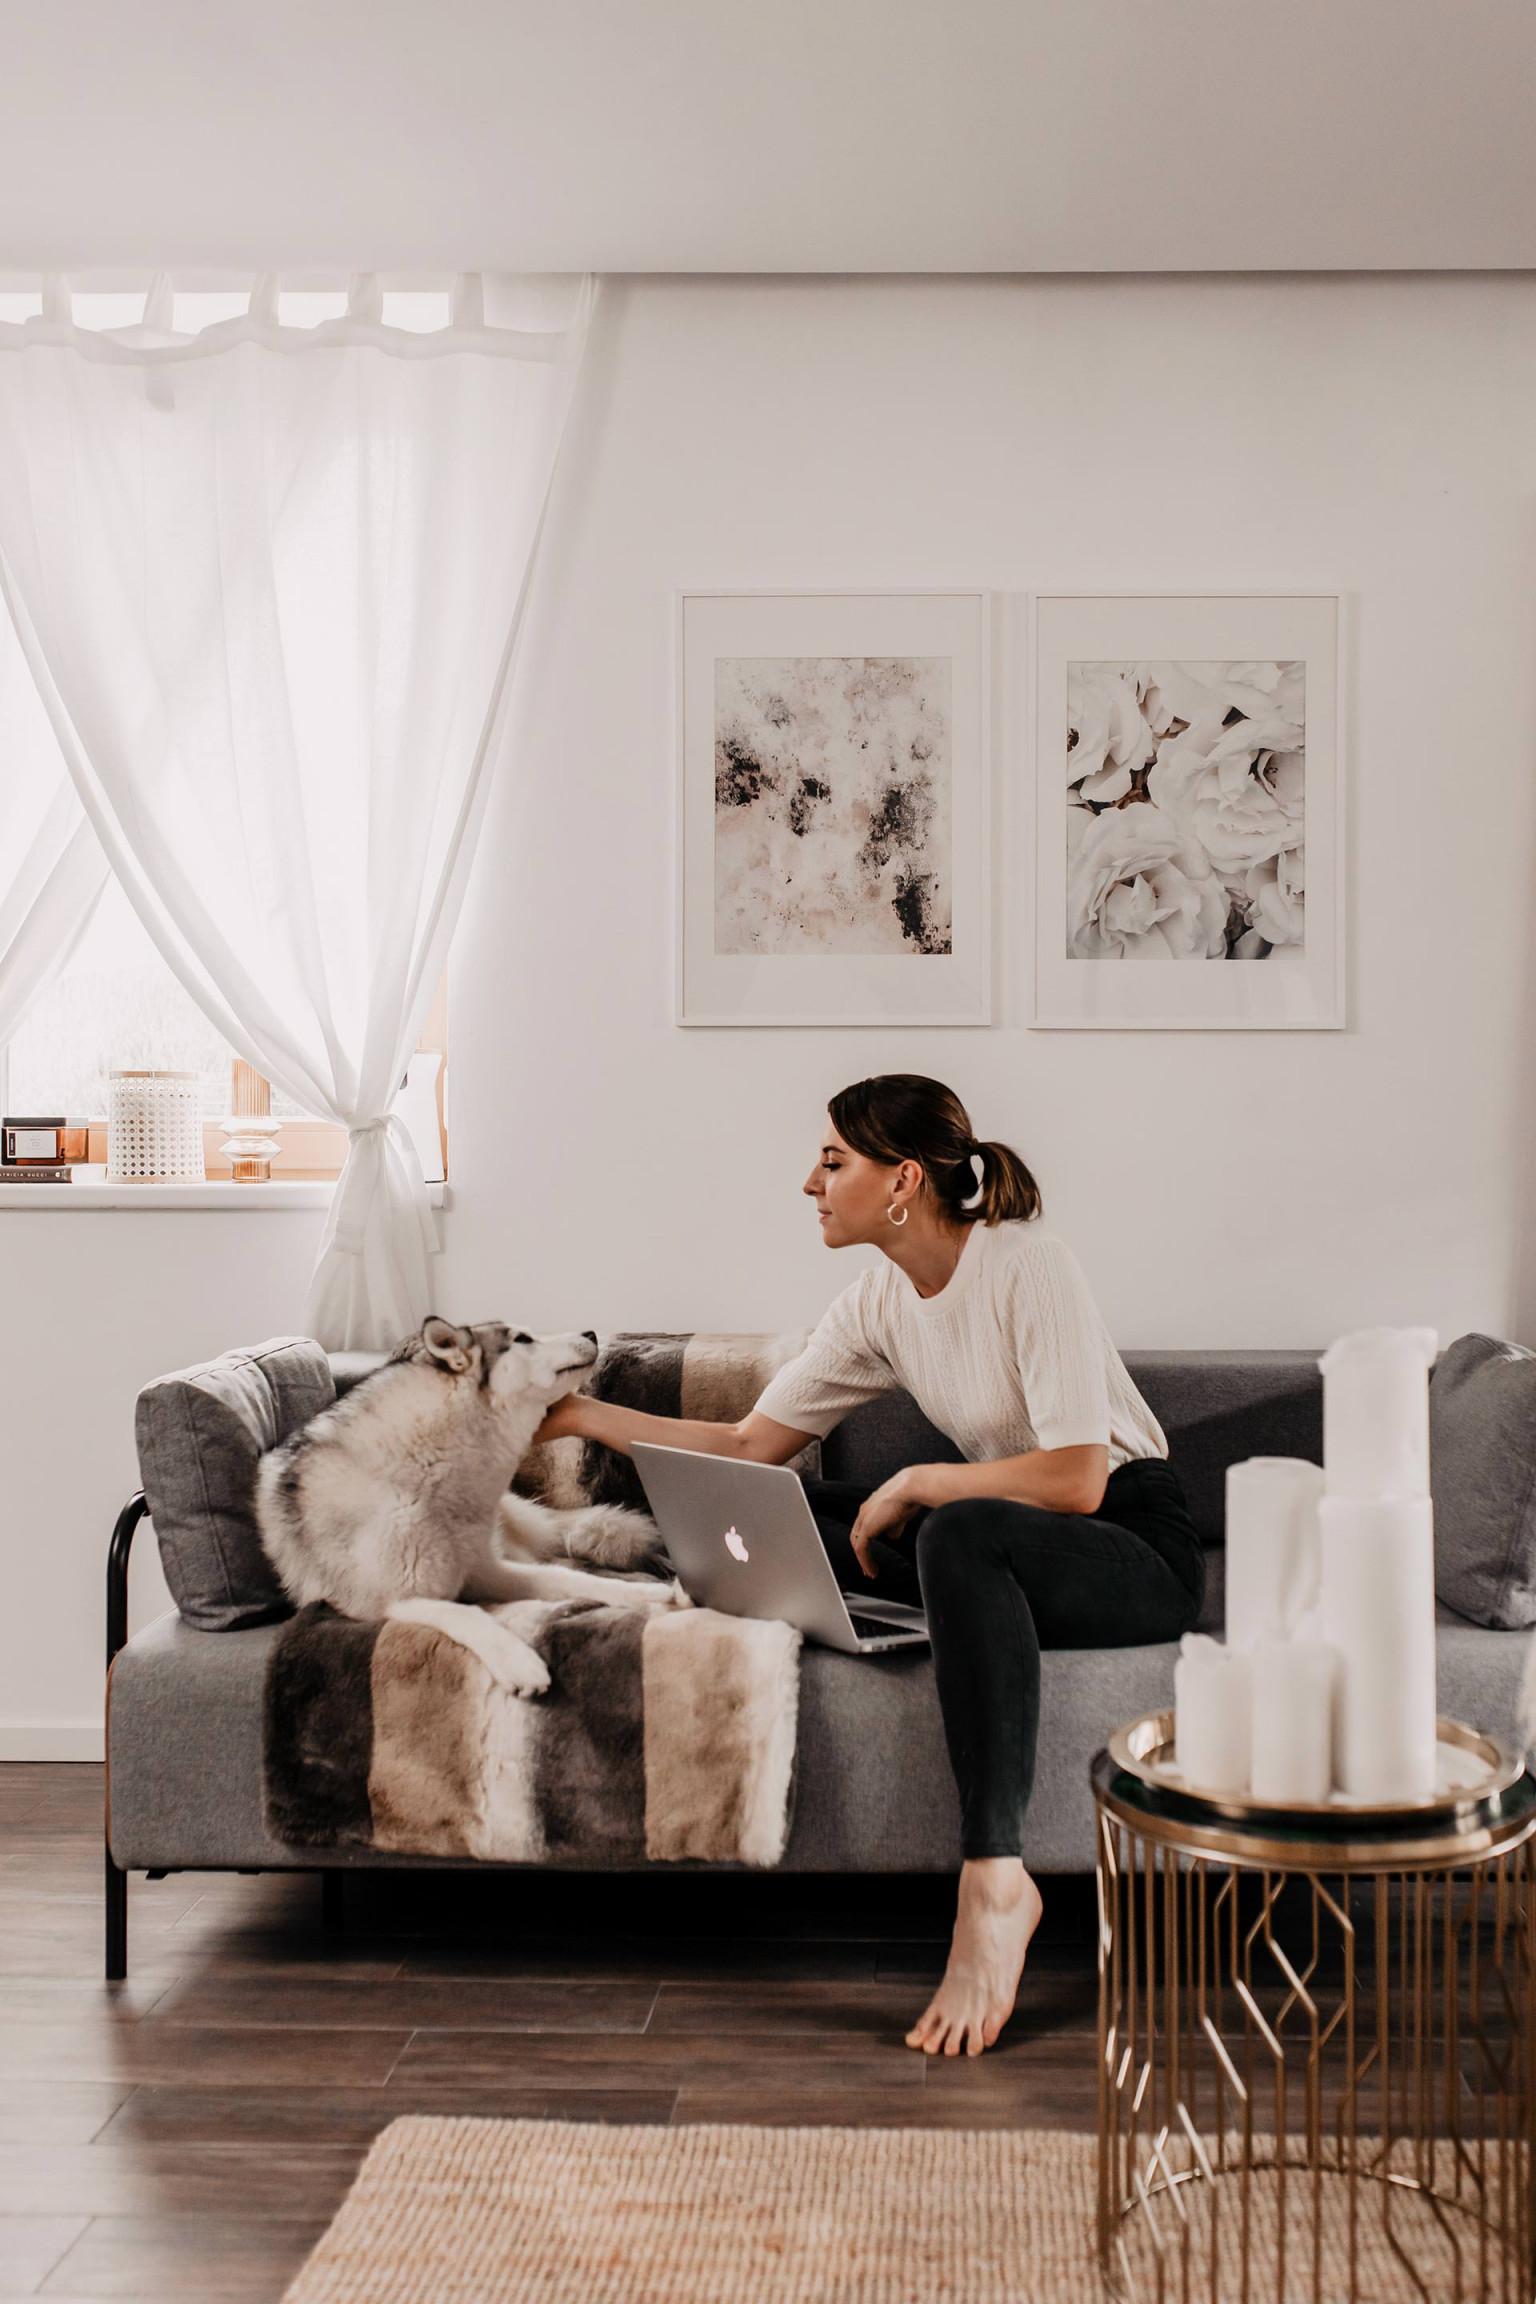 Wandgestaltung Mit Bildern Meine Ideen Für Küche Und von Bilder Im Wohnzimmer Ideen Photo